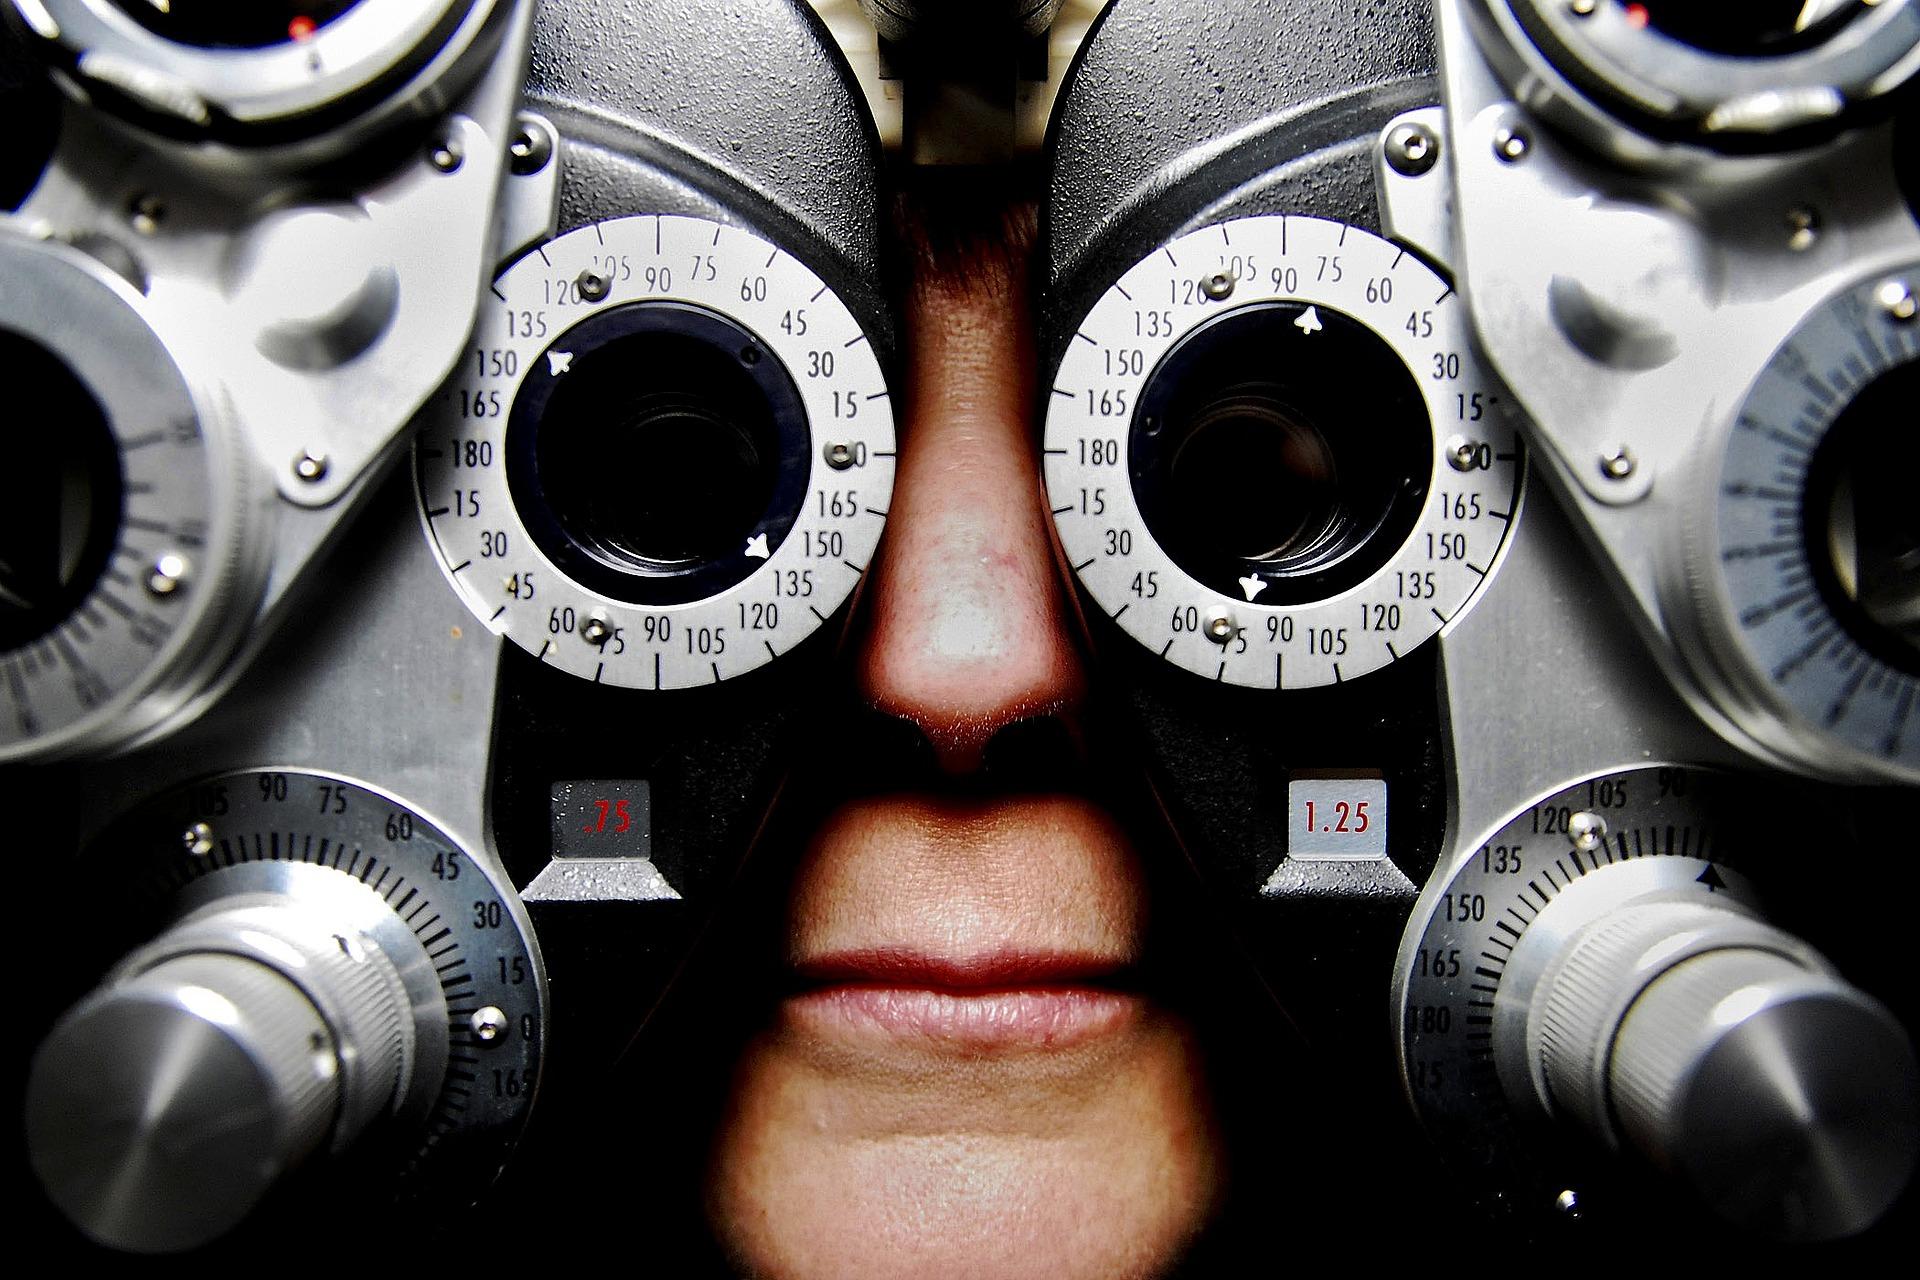 Vyšetření zraku (ilustrační foto)